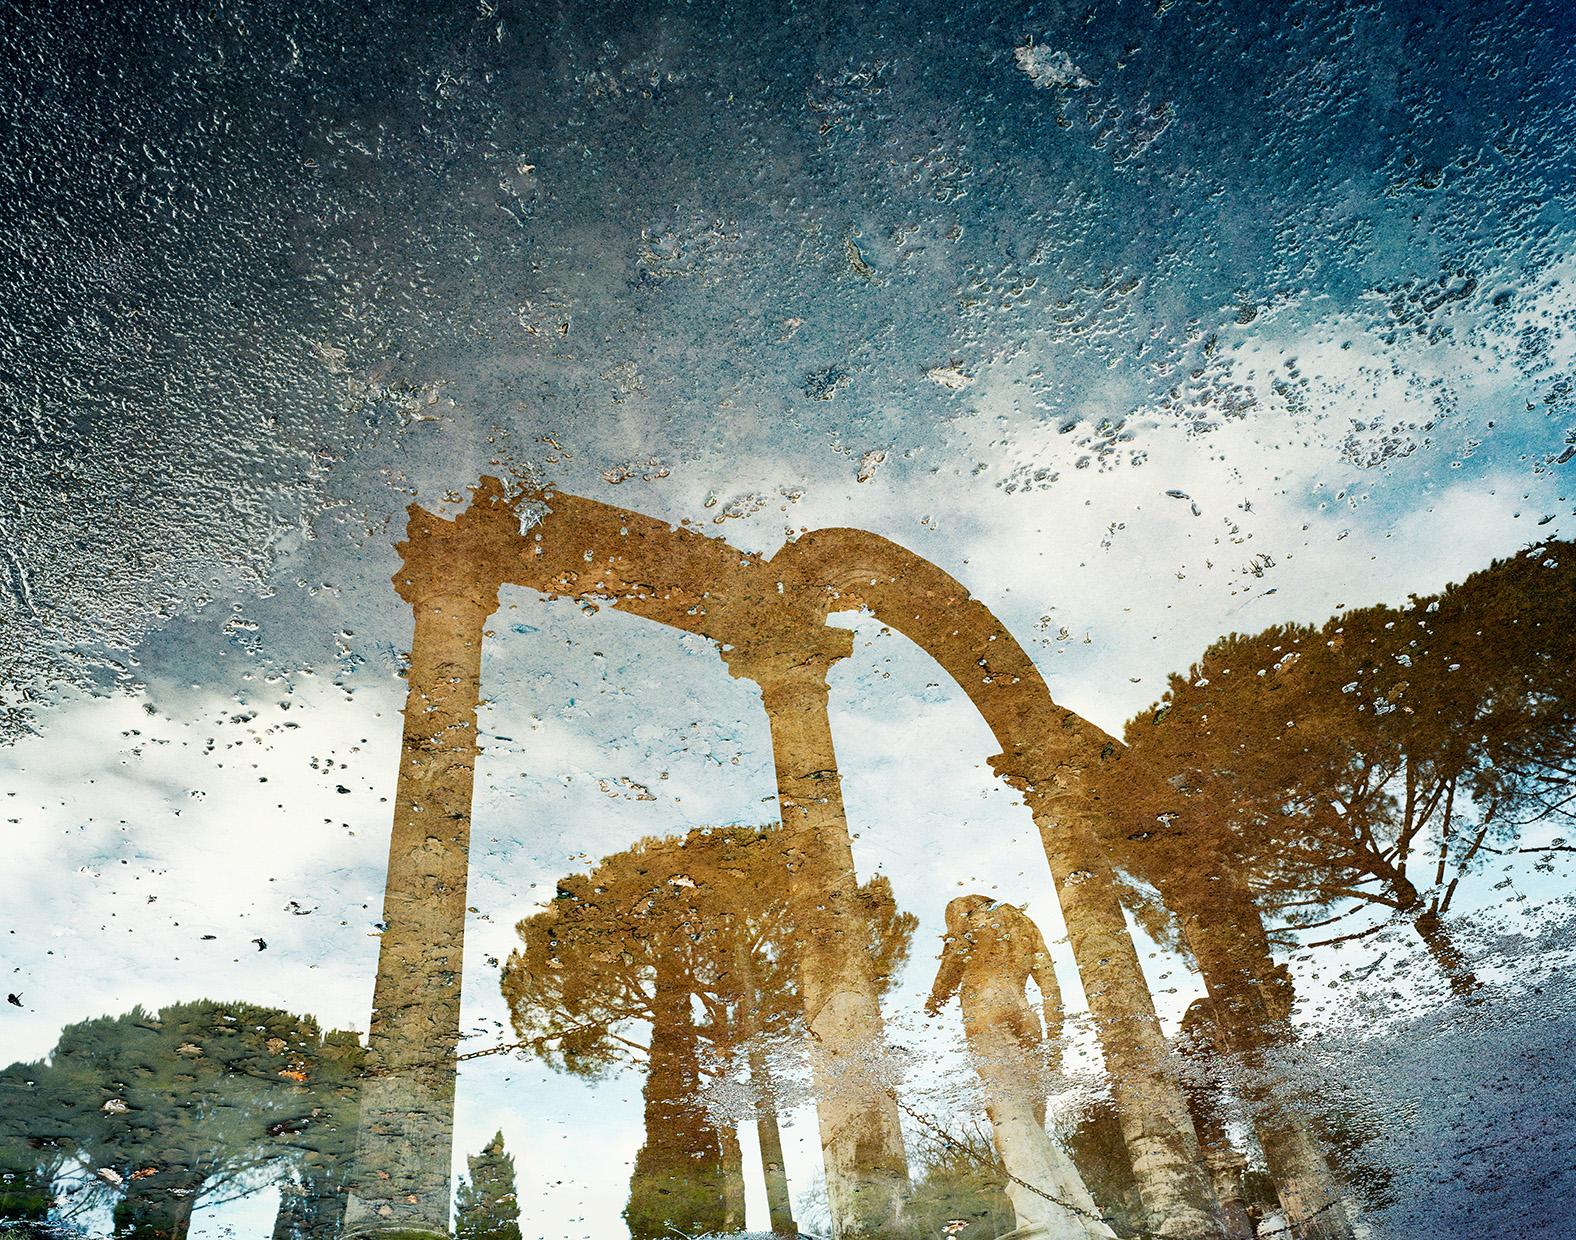 Vestigia romane nel terzo millennio. La magica e imponente ricerca di Alfred Seiland per la prima volta esposta in Italia, a Brescia